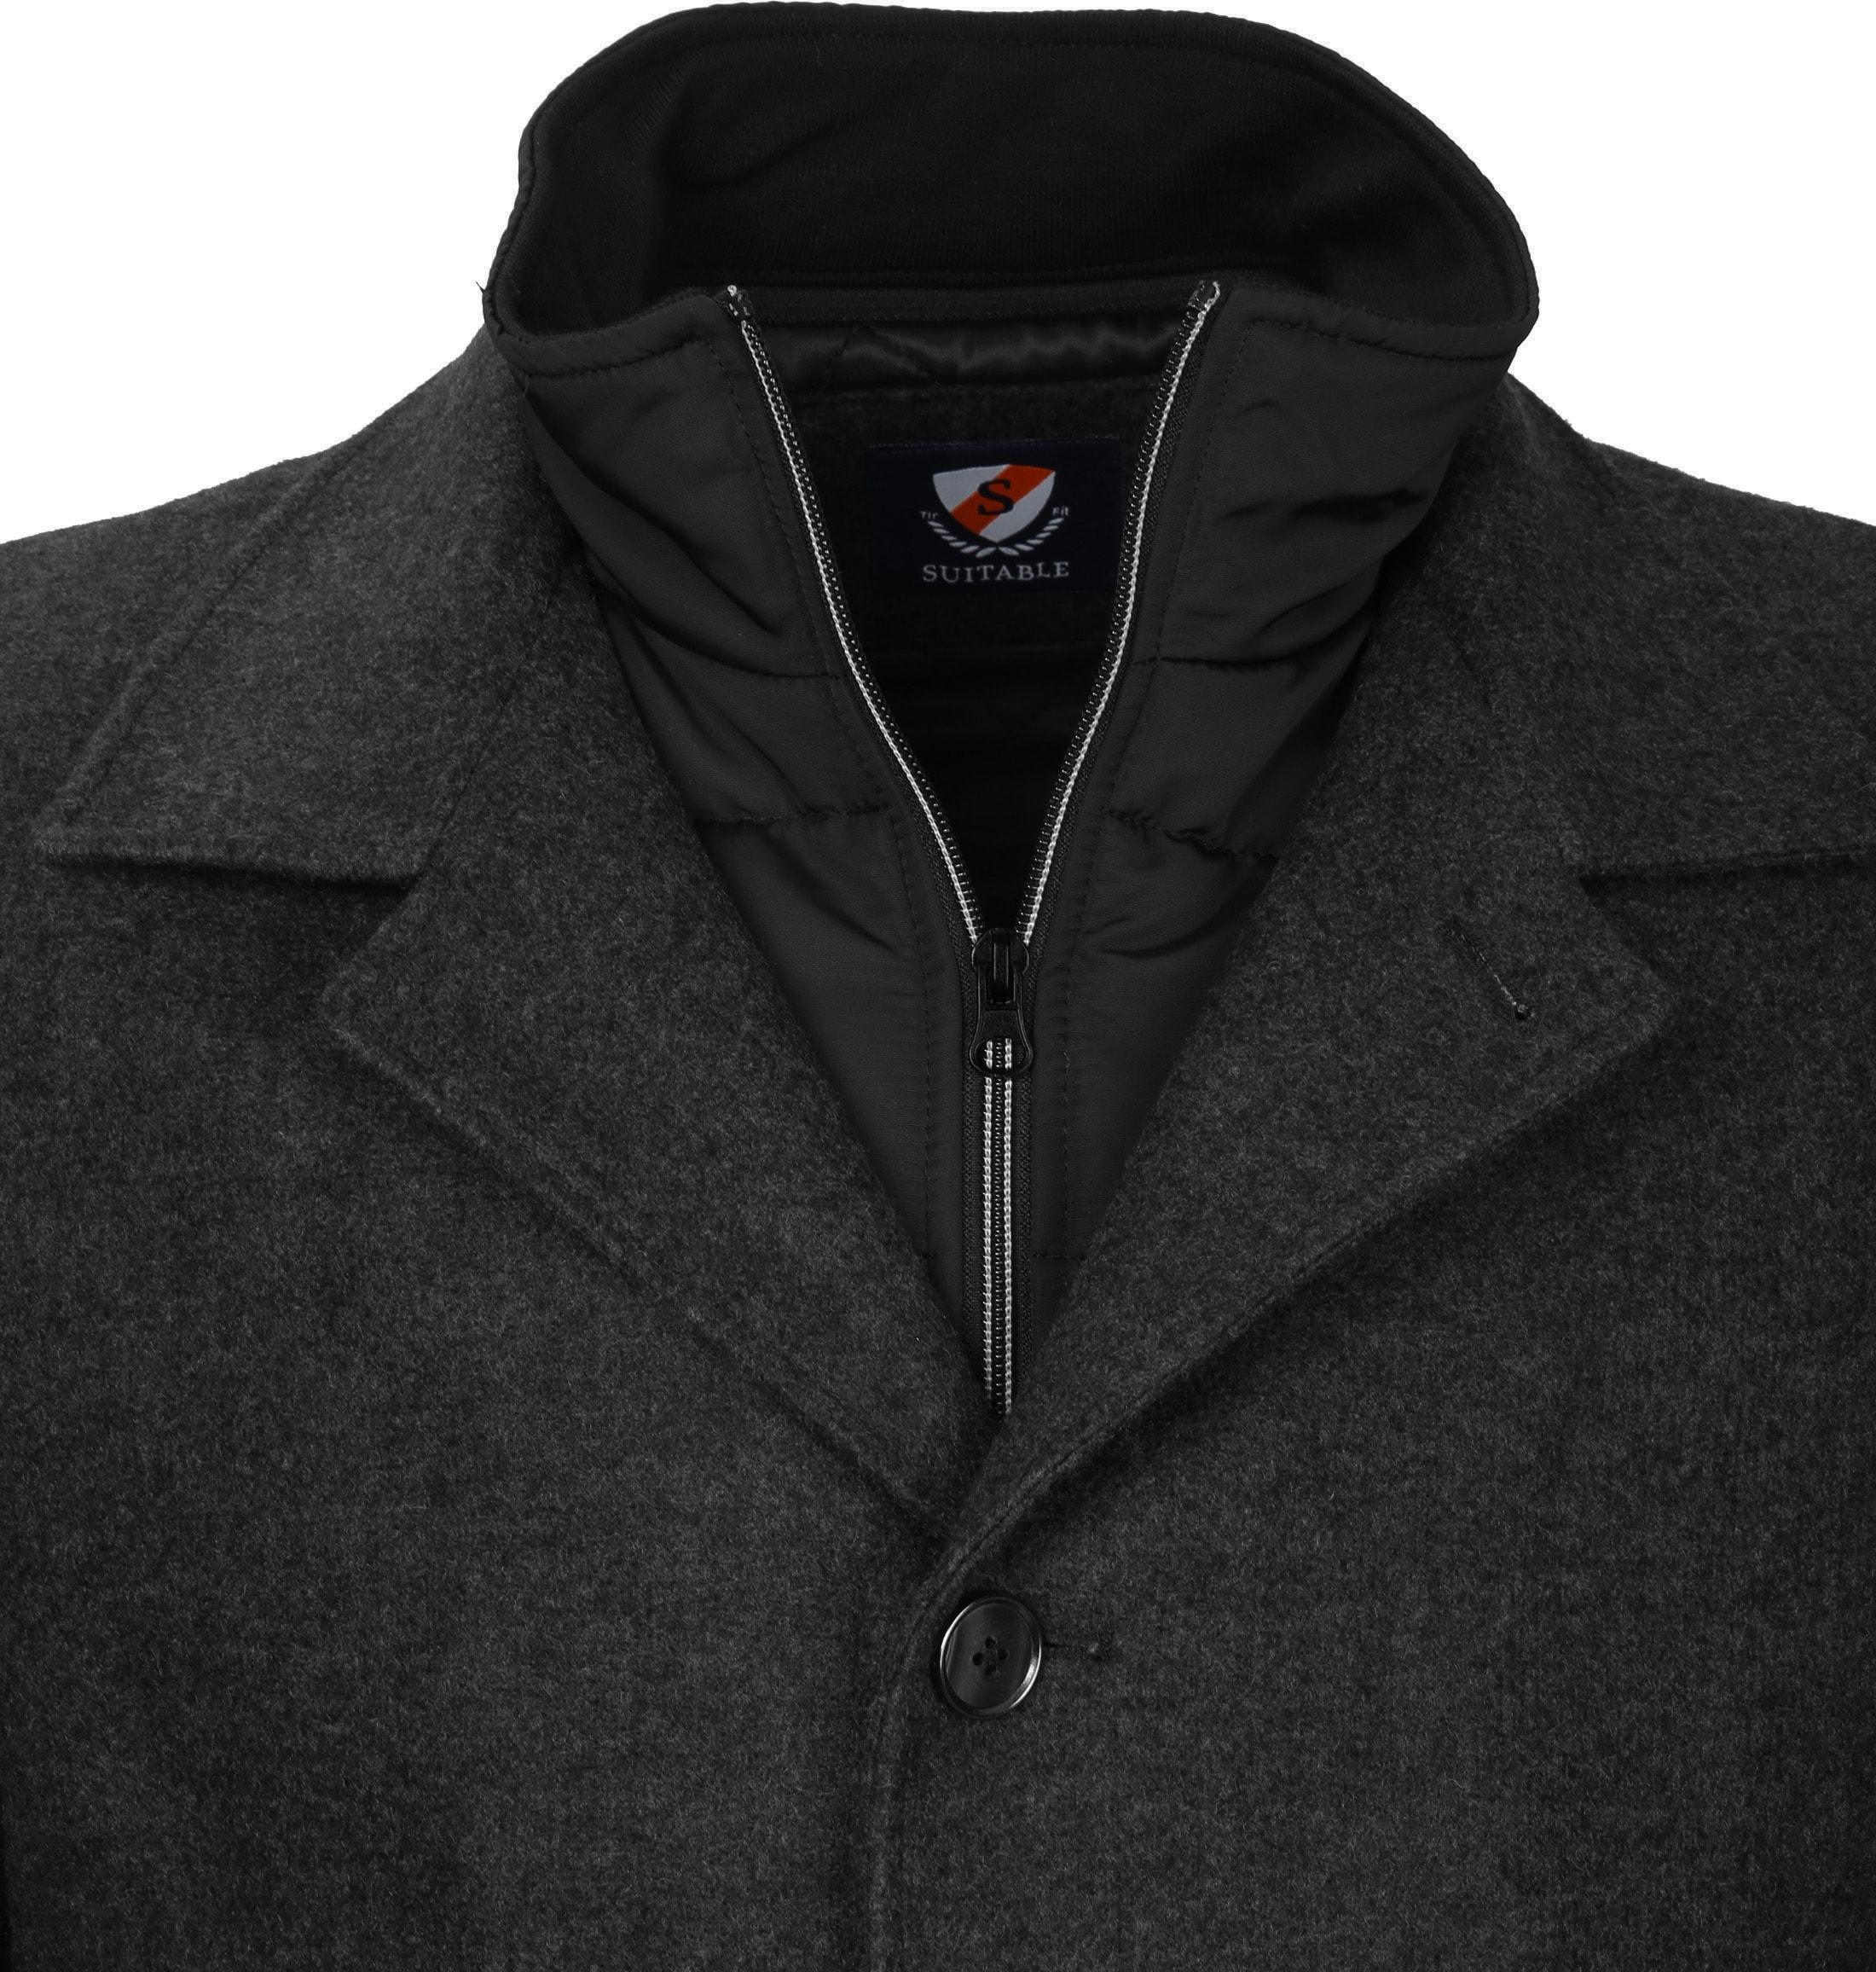 Suitable Coat Soest Antraciet foto 2